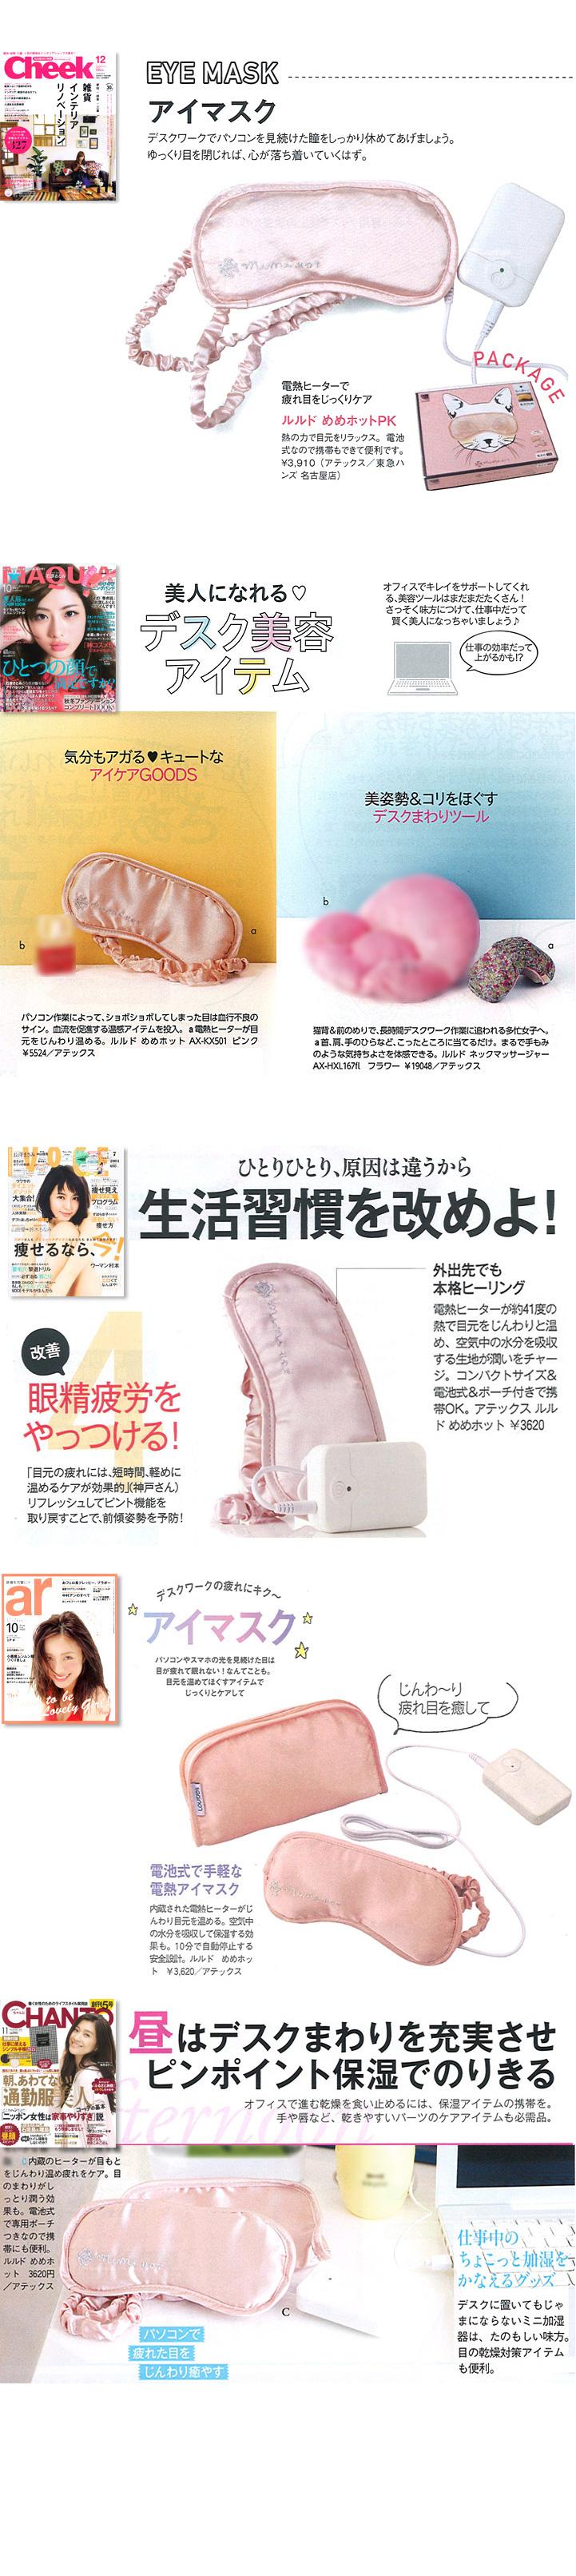 媒體報導 /  LOURDES系列商品,不論在日本台灣大陸韓國,皆有眾多的相關報導喔!